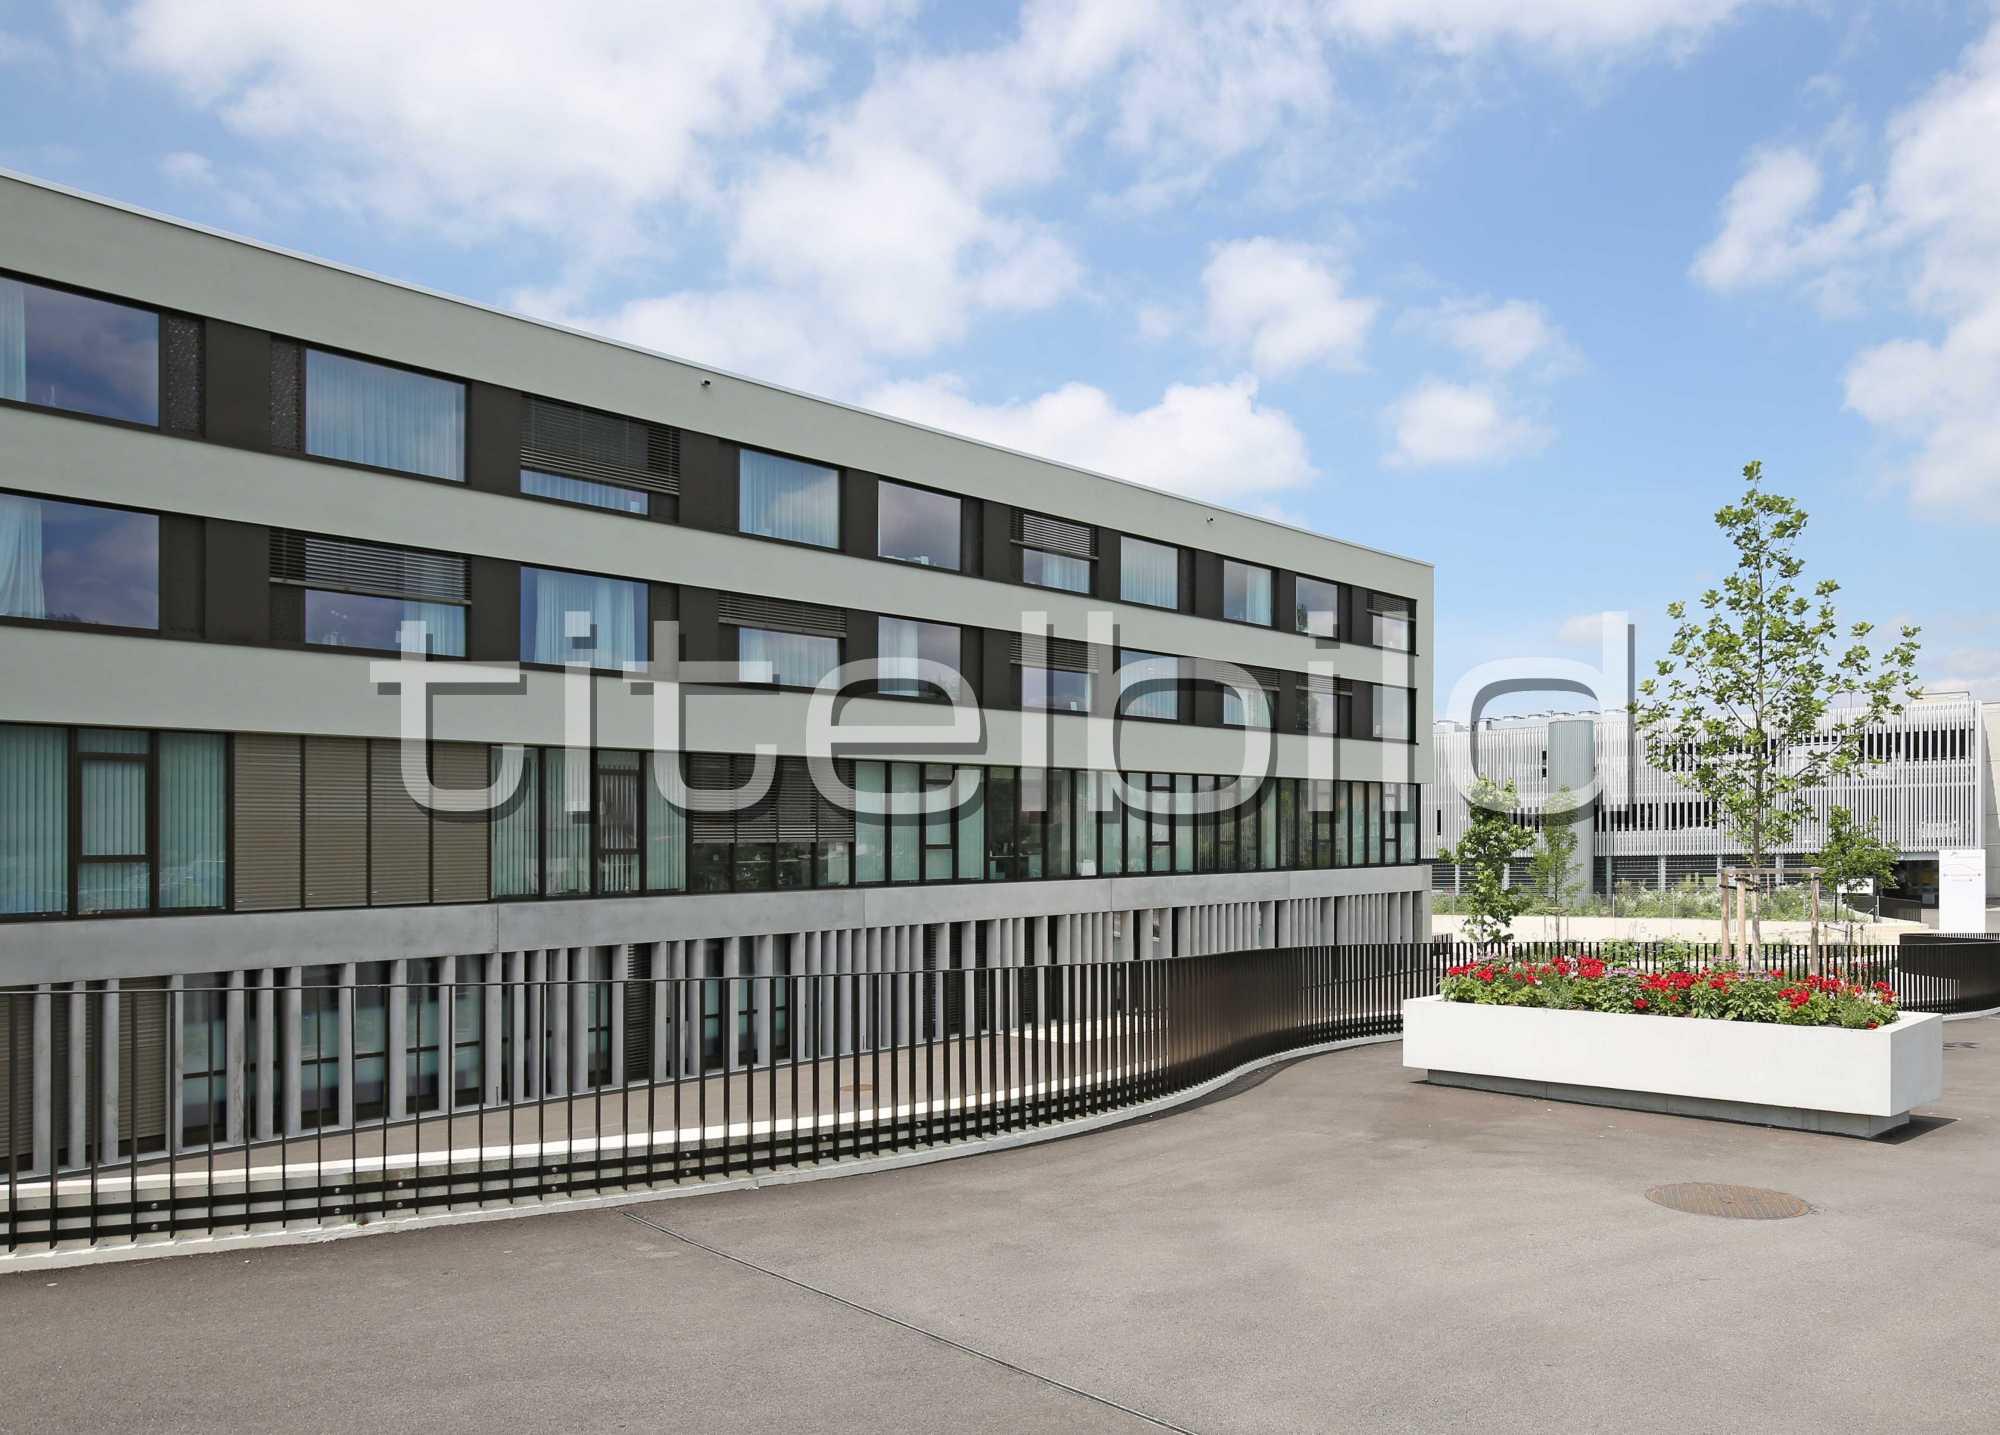 Projektbild-Nr. 5: Regionalspital Emmental, Spital Burgdorf